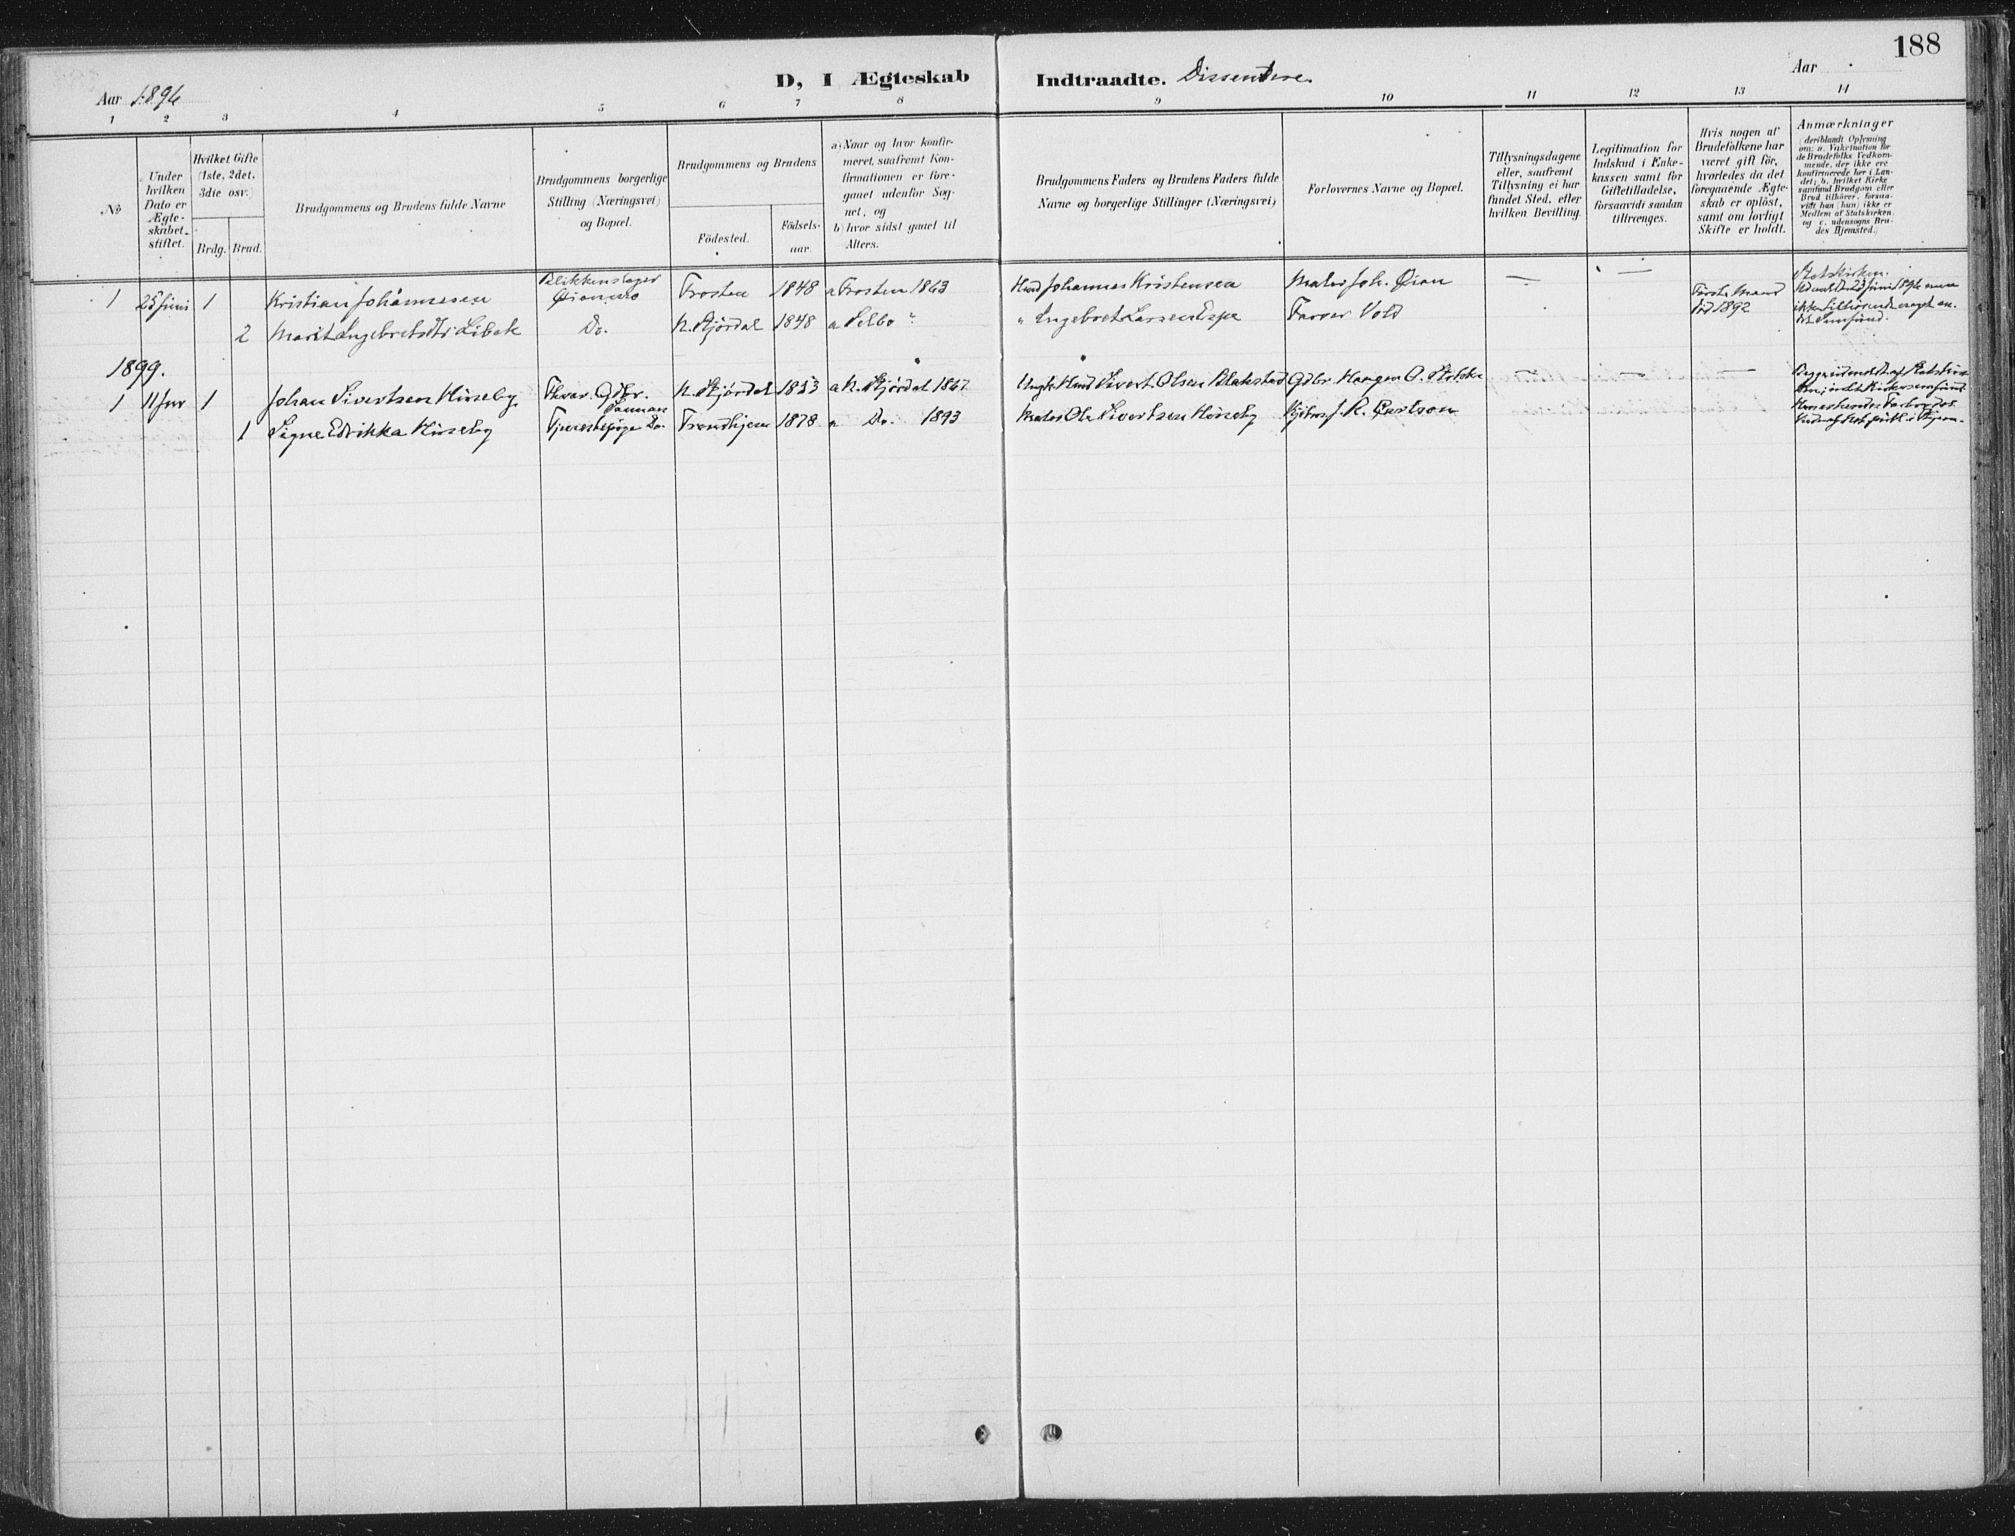 SAT, Ministerialprotokoller, klokkerbøker og fødselsregistre - Nord-Trøndelag, 709/L0082: Ministerialbok nr. 709A22, 1896-1916, s. 188